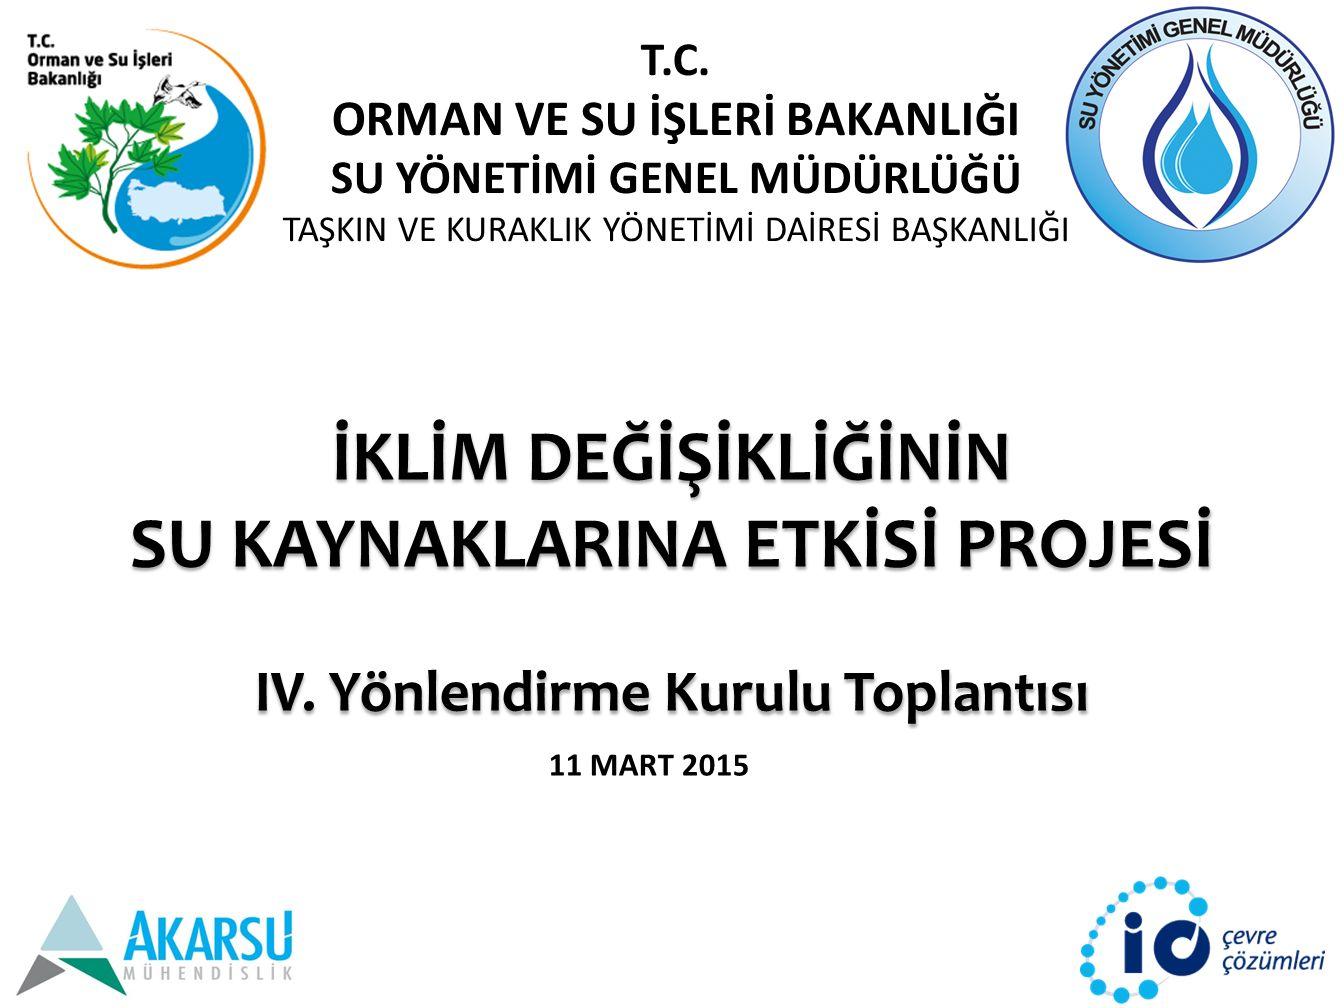 İKLİM DEĞİŞİKLİĞİNİN SU KAYNAKLARINA ETKİSİ PROJESİ IV.